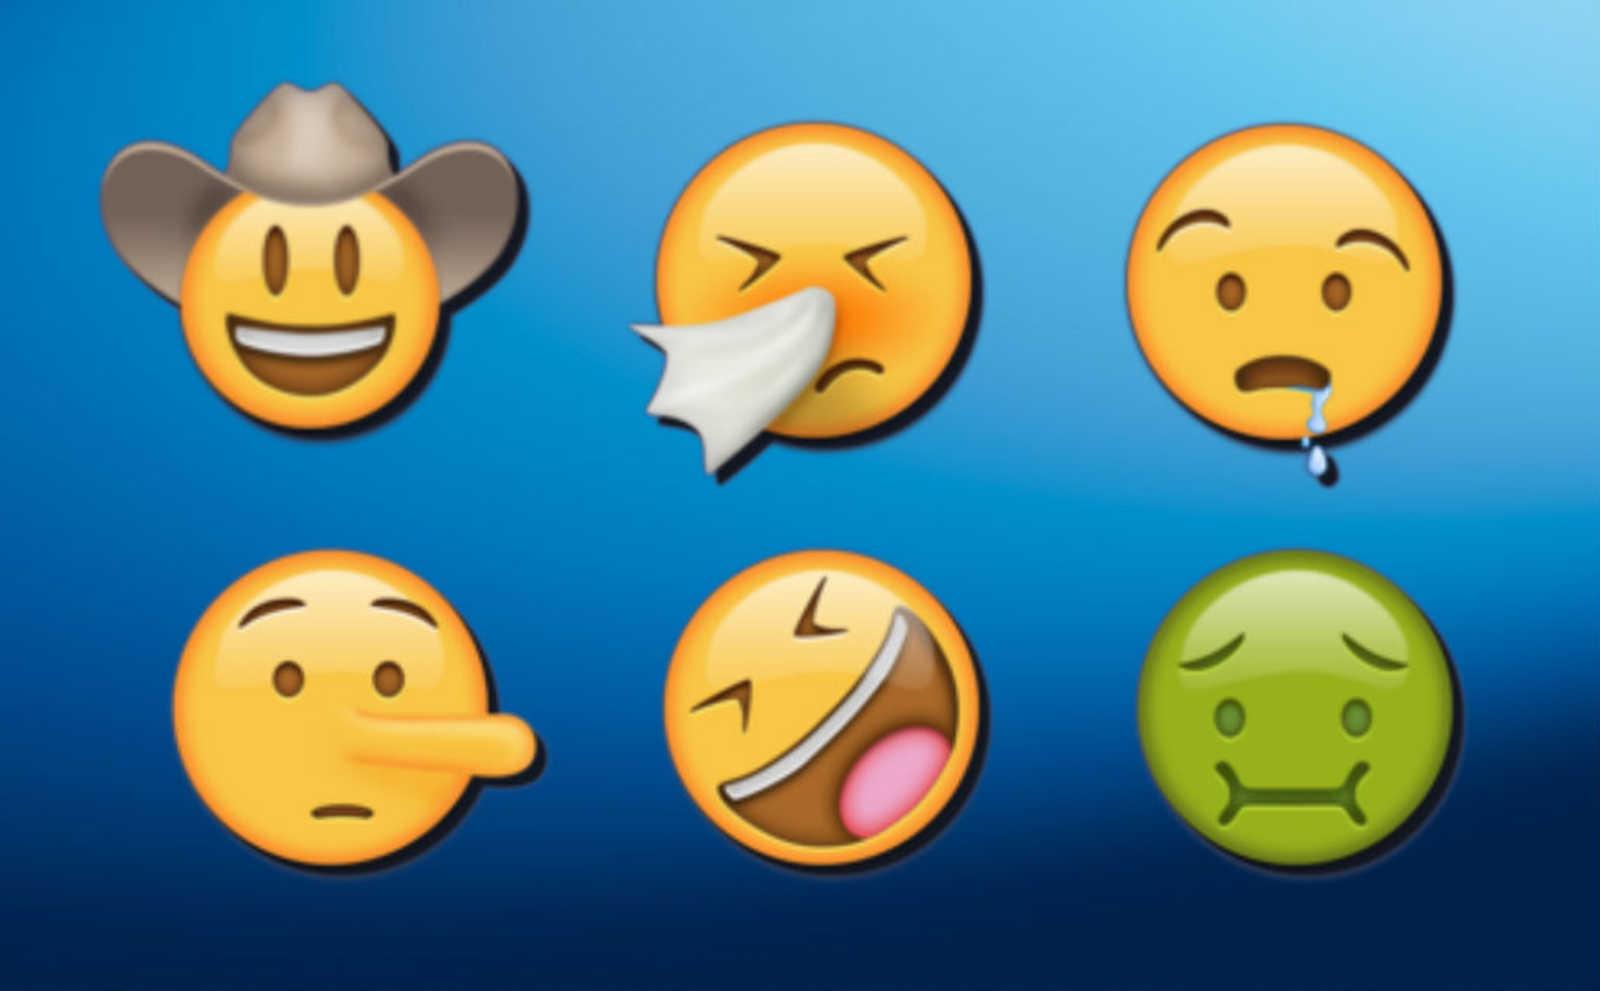 Neue Emojis Jetzt Auch Für Android Endlich Kommen Facepalm Bacon